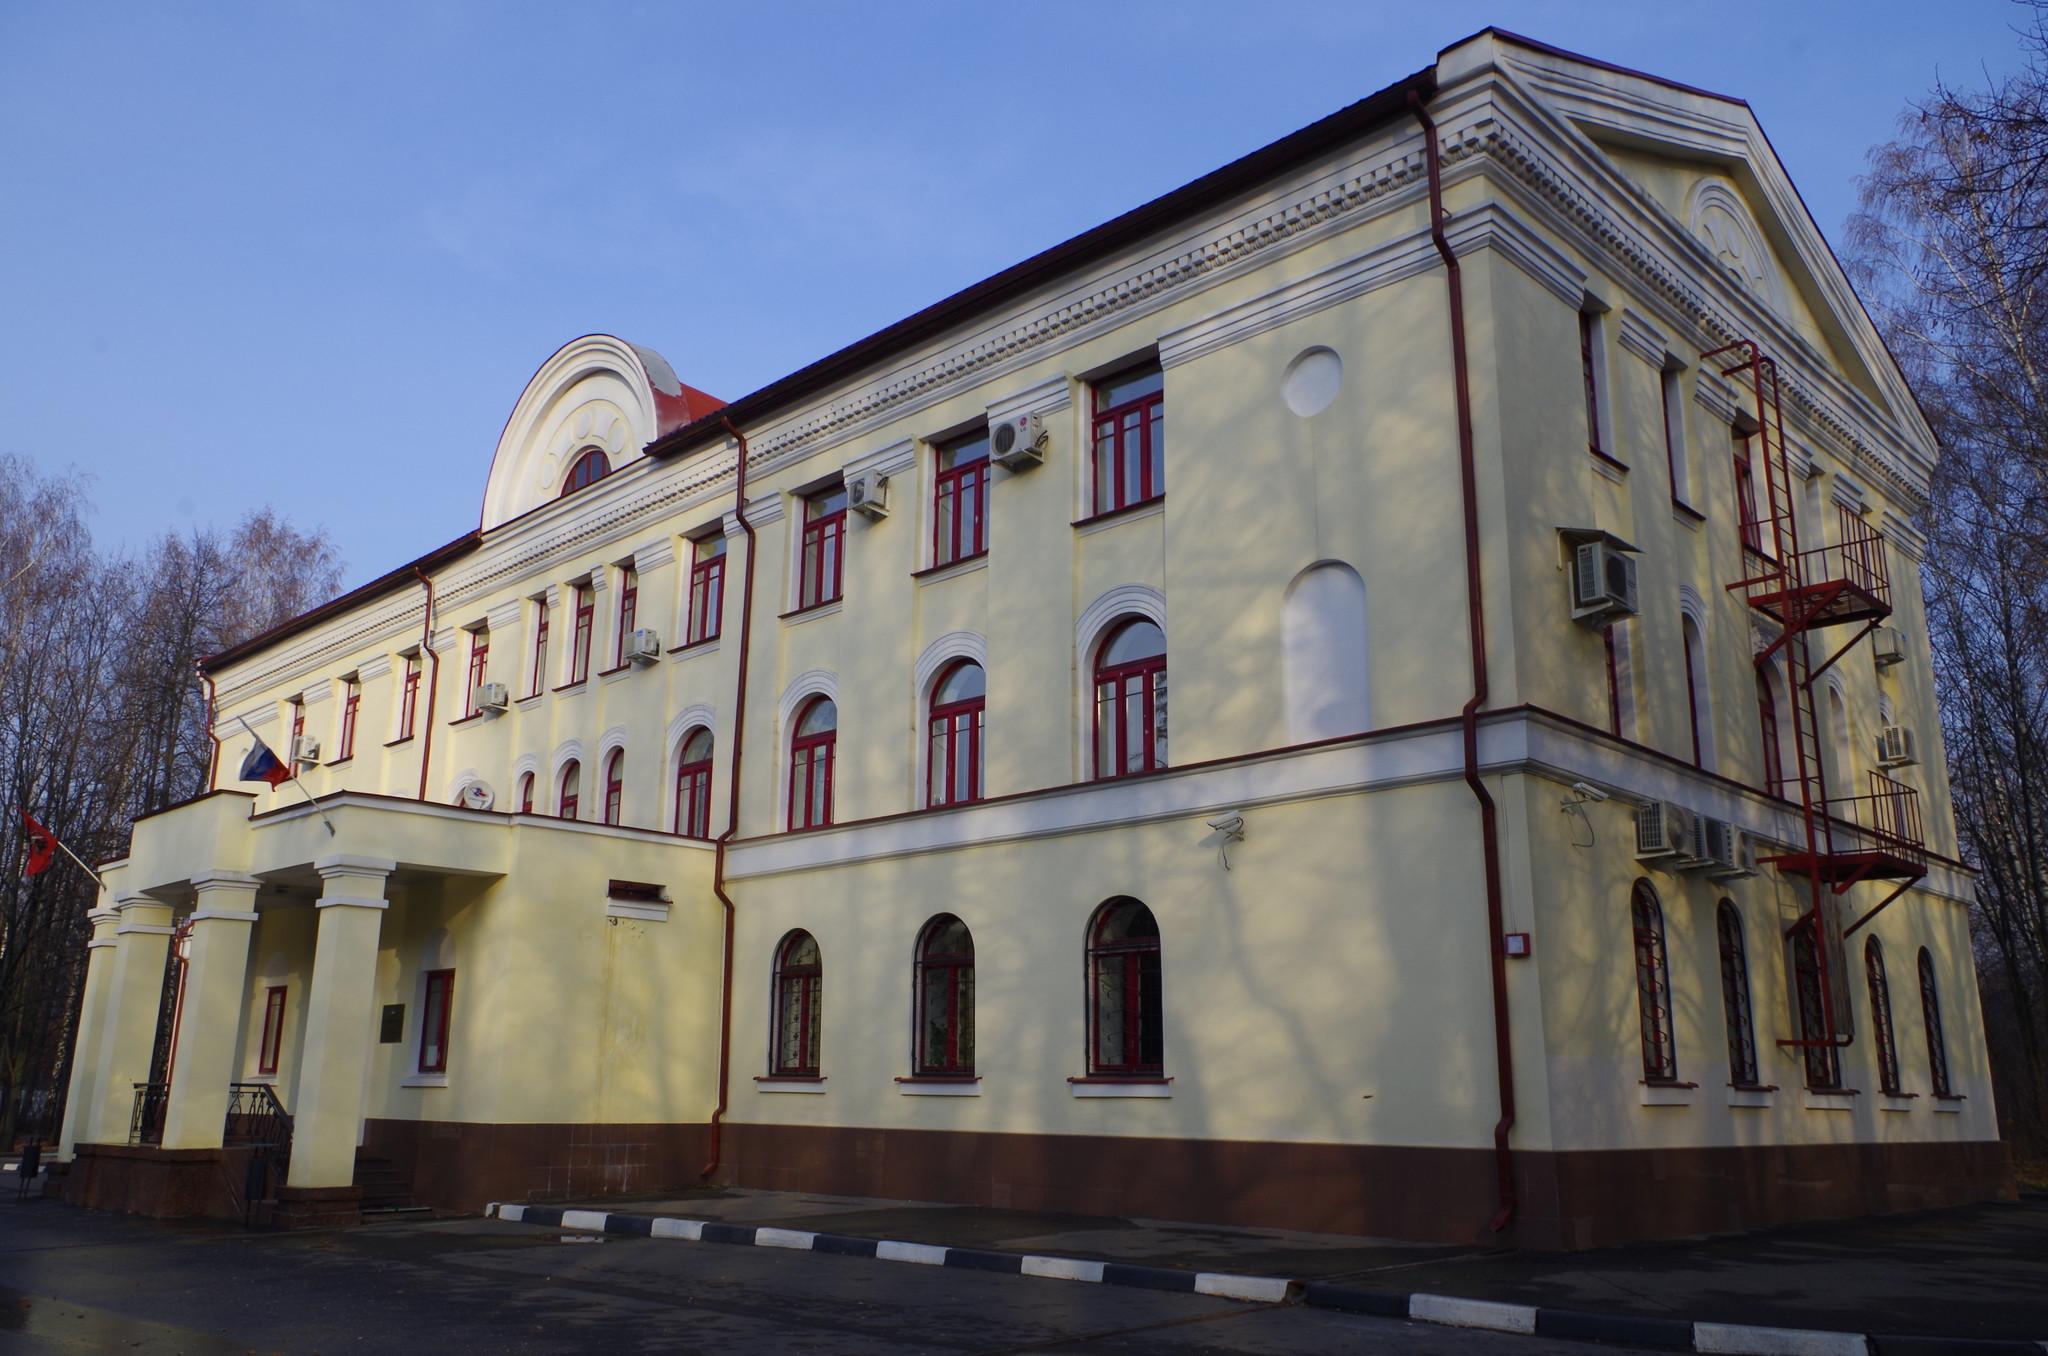 Управление Северной водопроводной станции (1-я Северная линия, дом 1, строение 1)